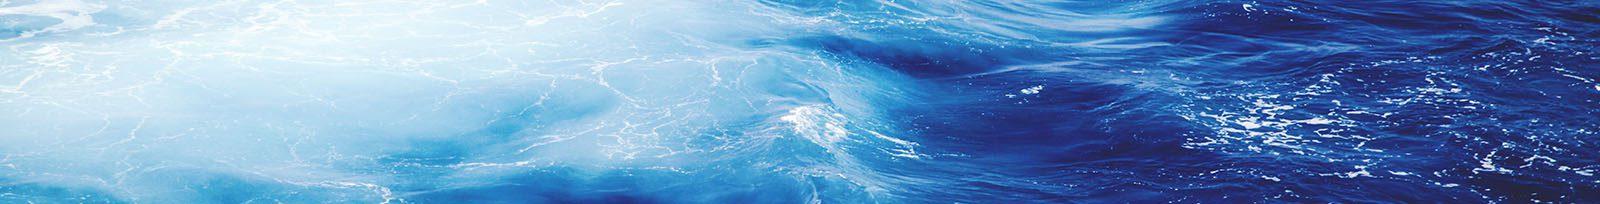 bakgrund hav-massage